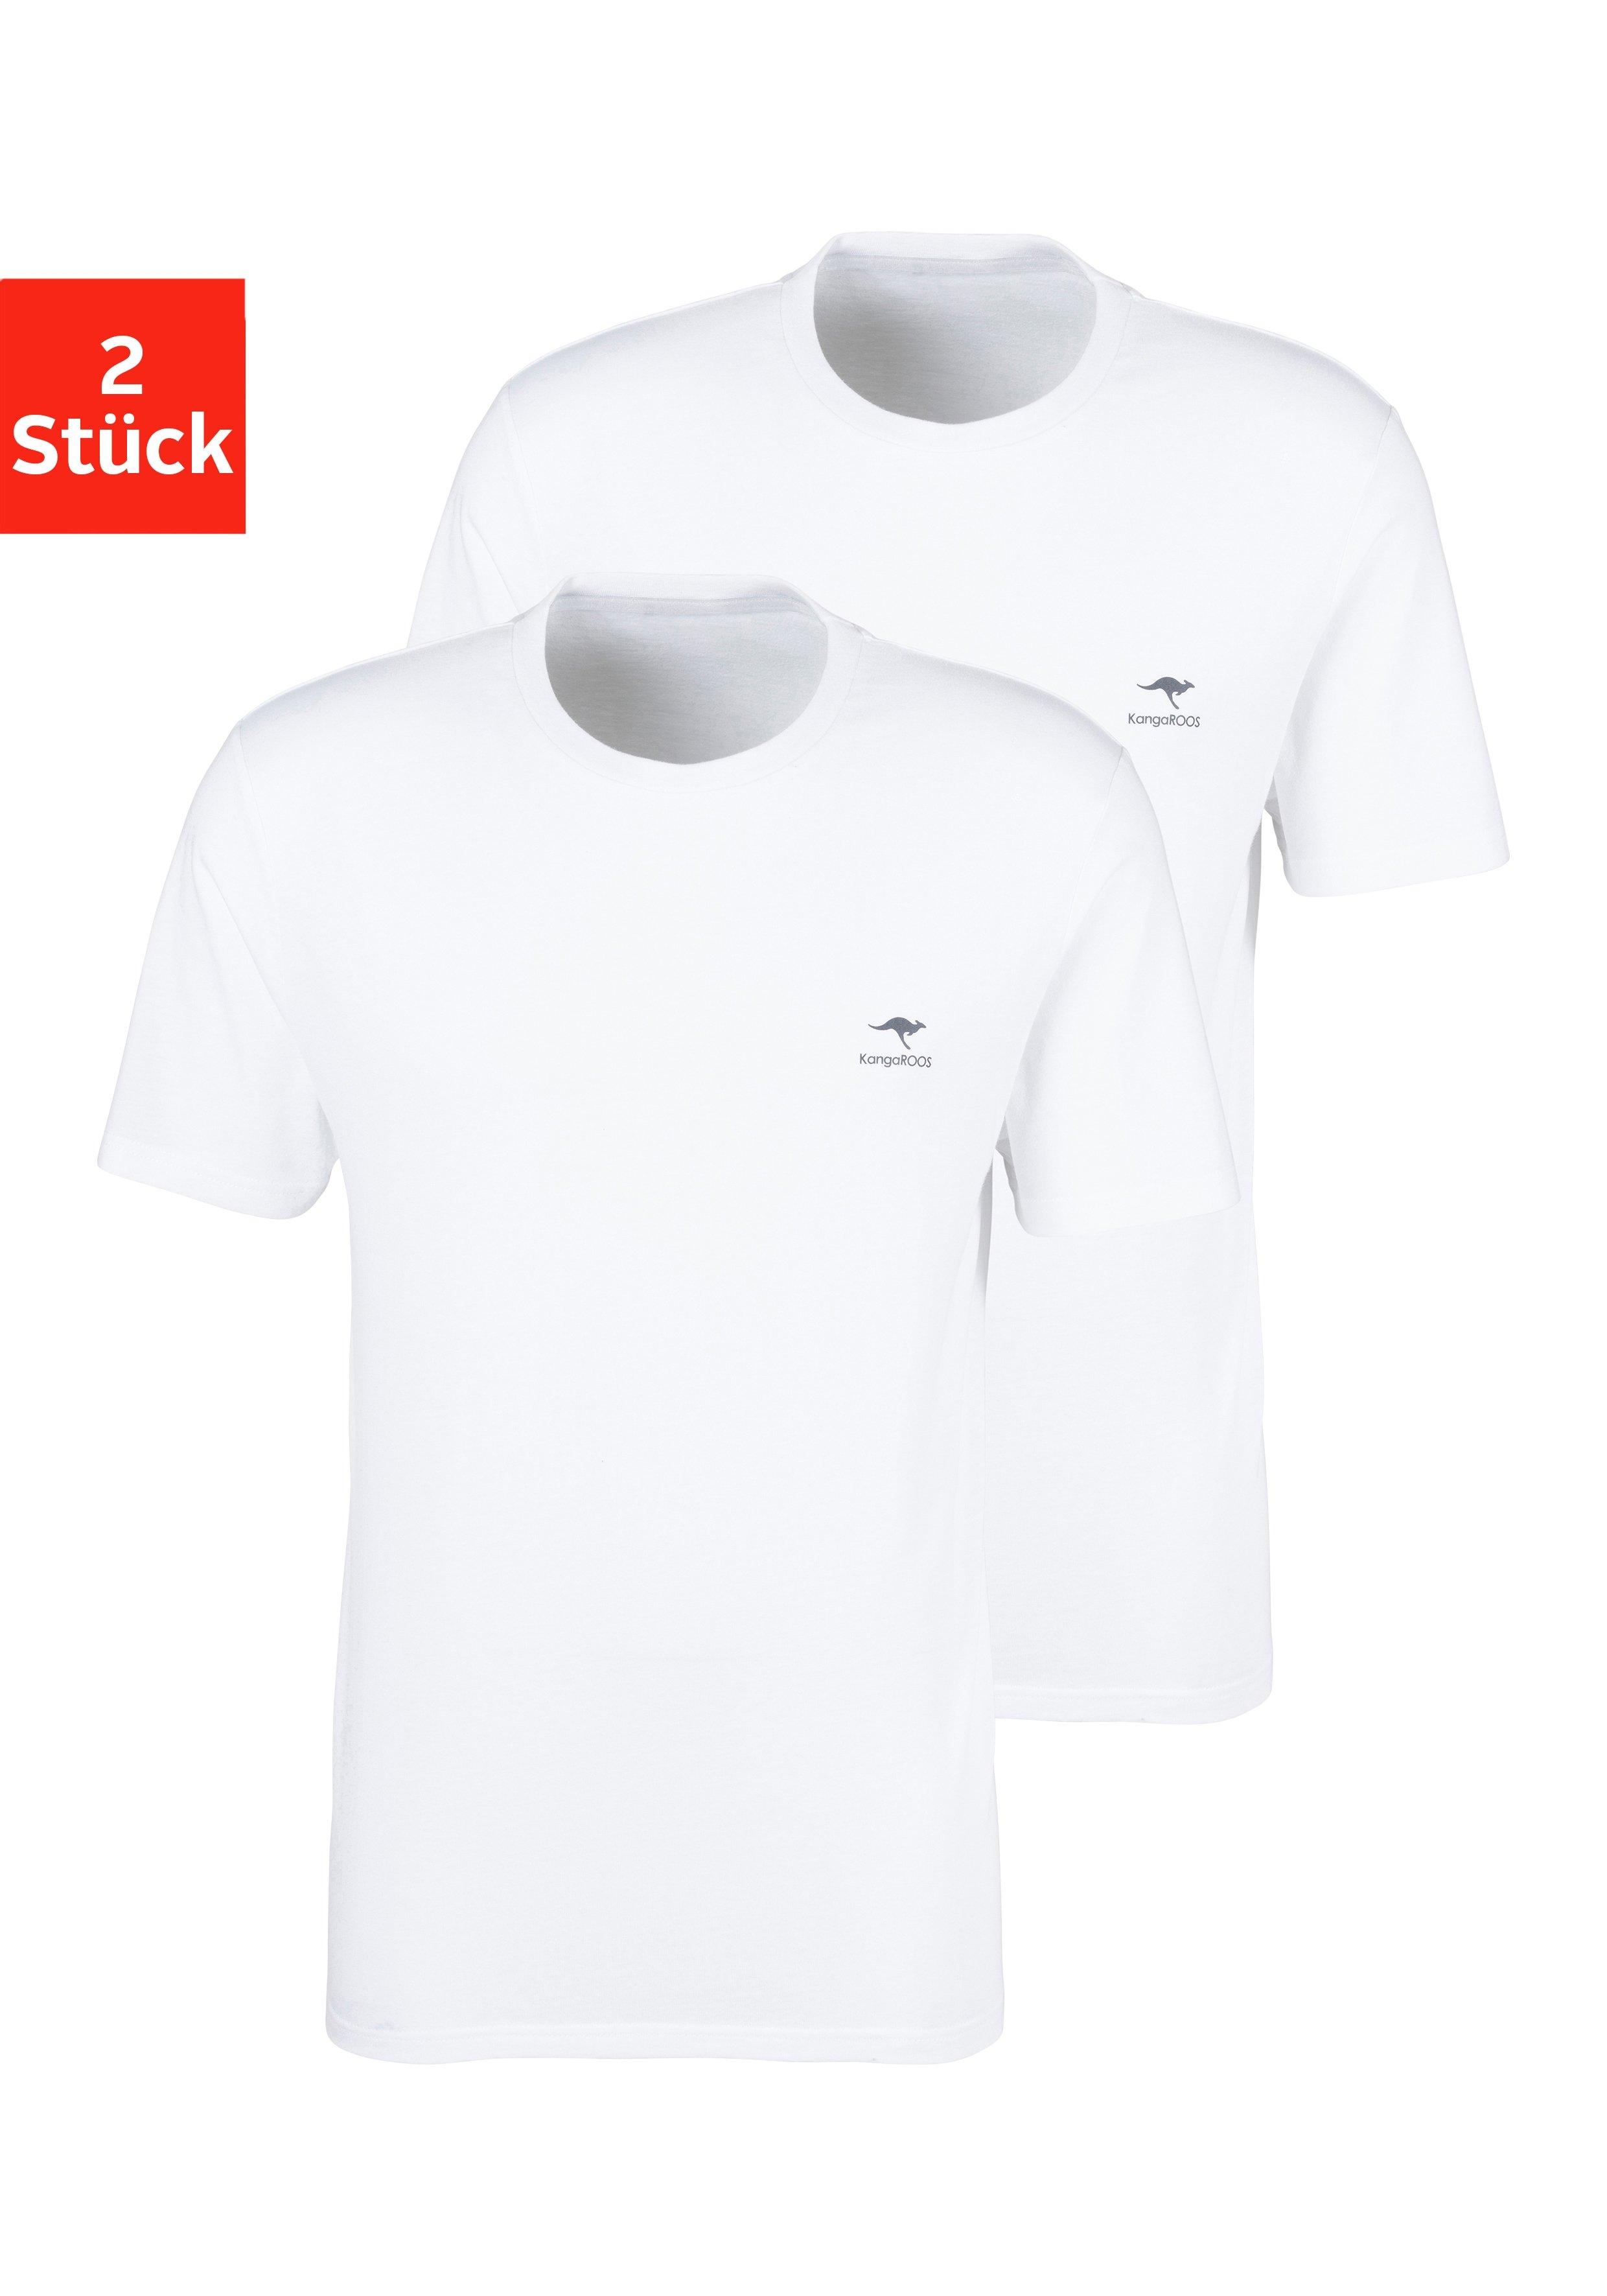 KangaROOS T-shirt (Set van 2) voordelig en veilig online kopen